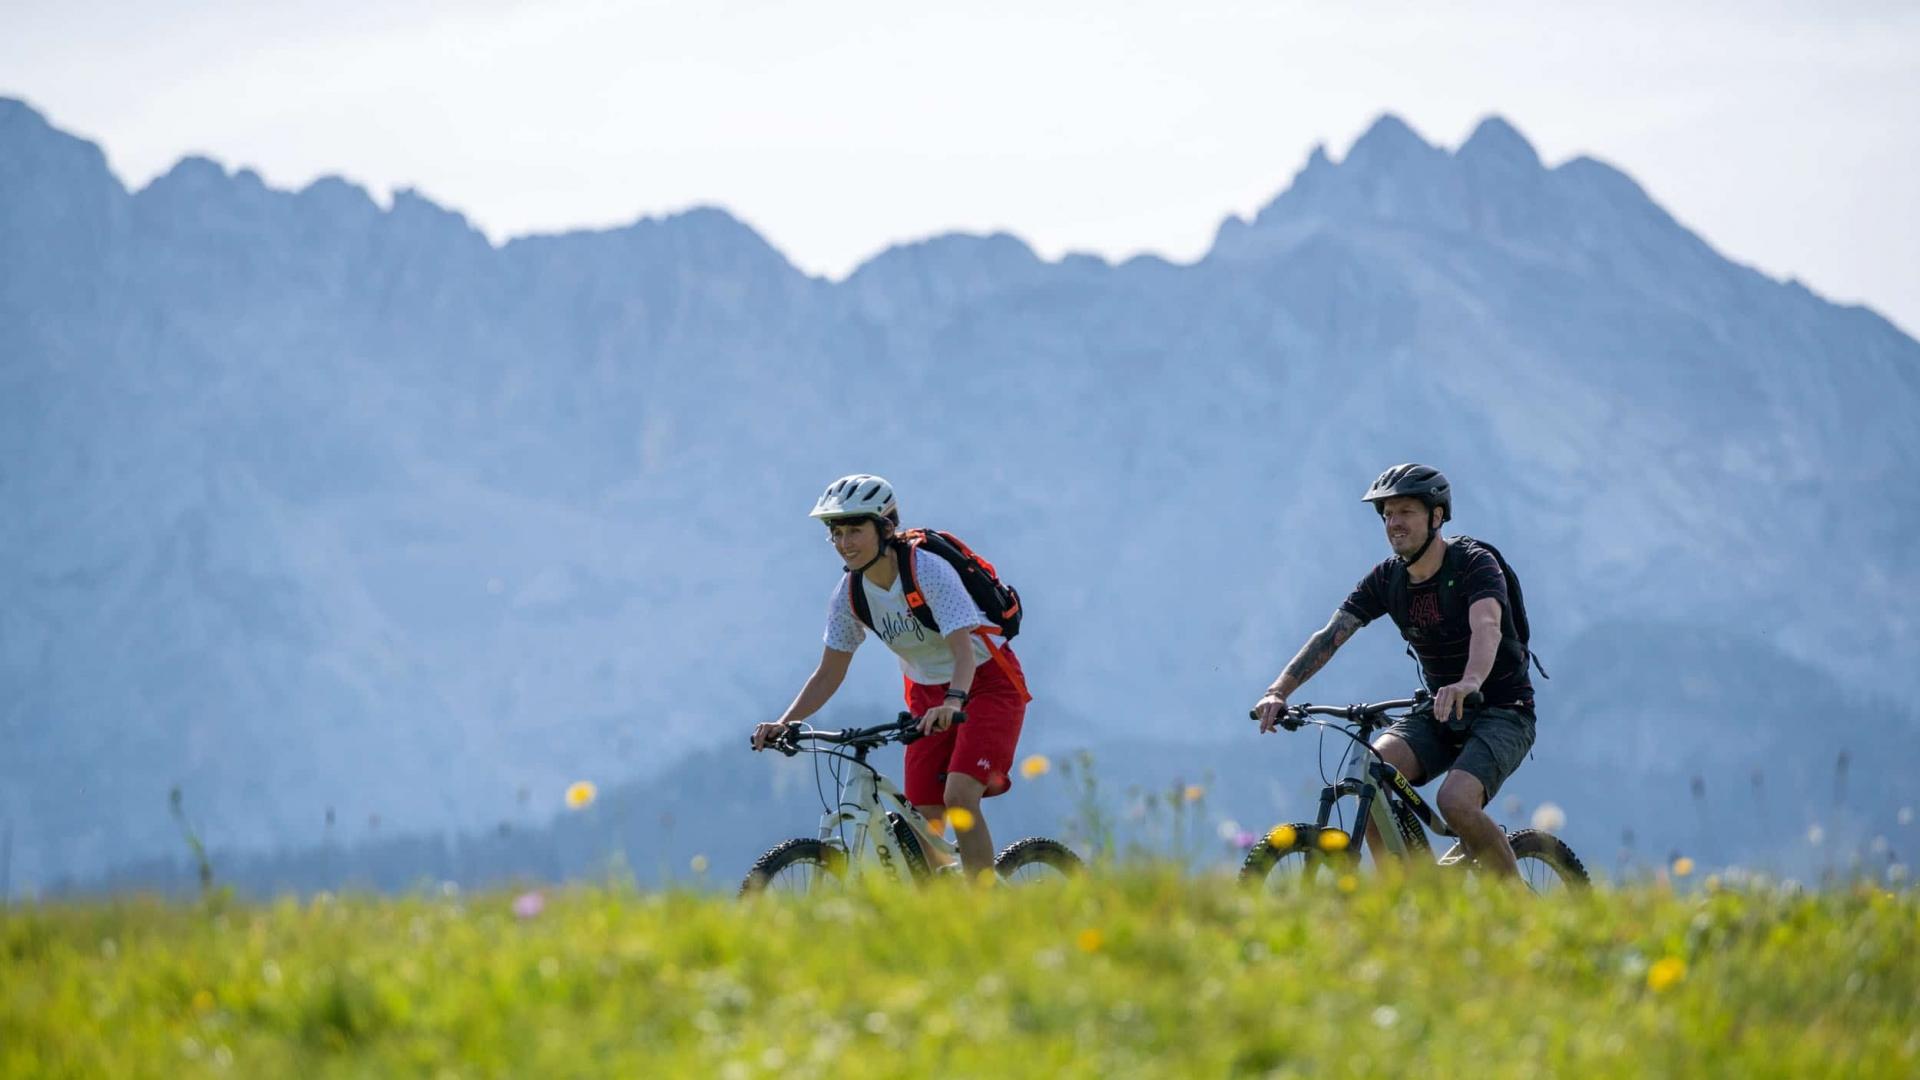 Paar mit E-Bikes vor Gebirge © GaPa Tourismus GmbH - Christian Stadler